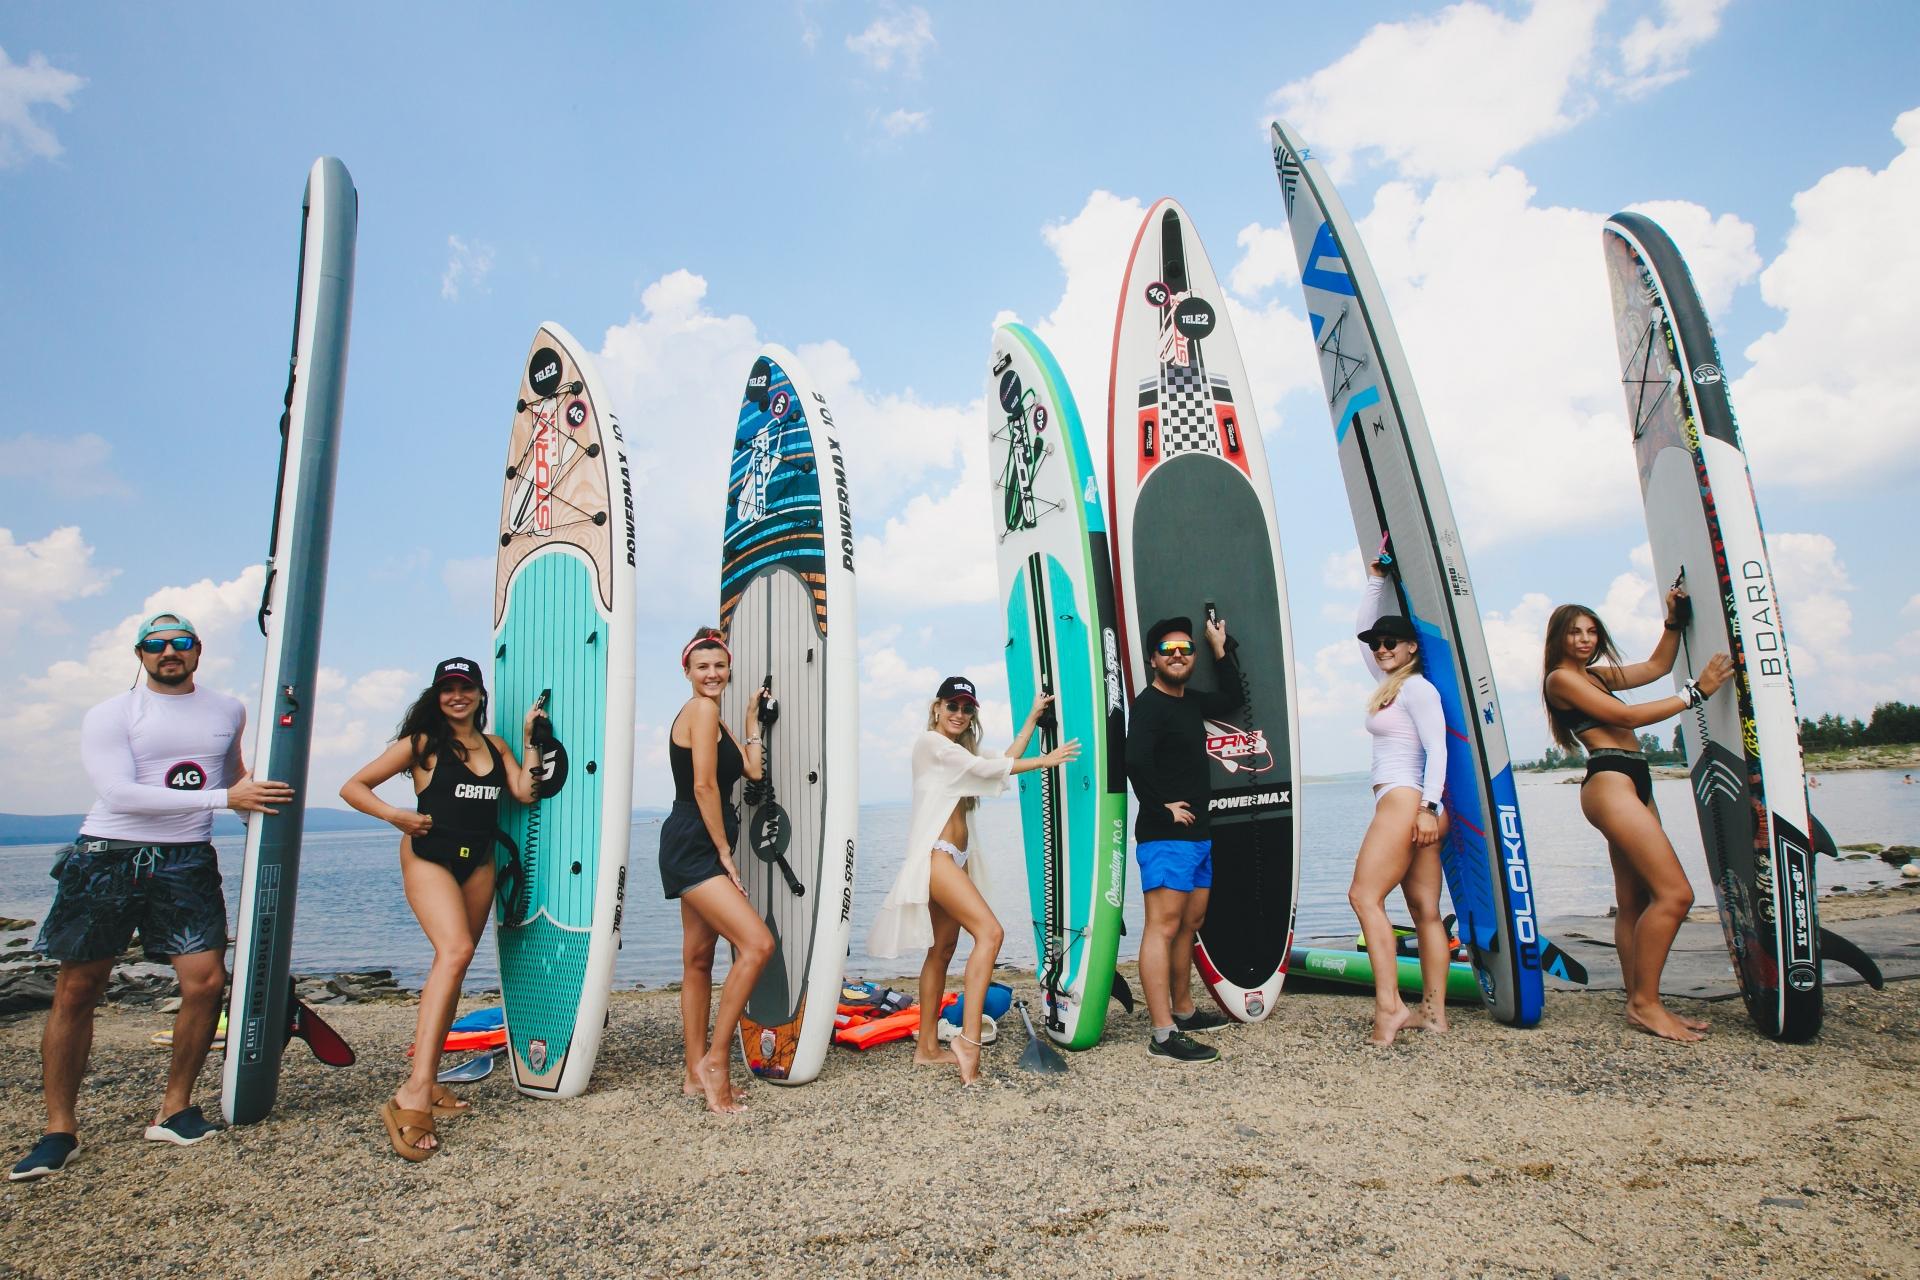 В команде серферов — специалисты по финансам, SMM, красоте, свадьбам, стоматологии и инструкторы по сапбордингу